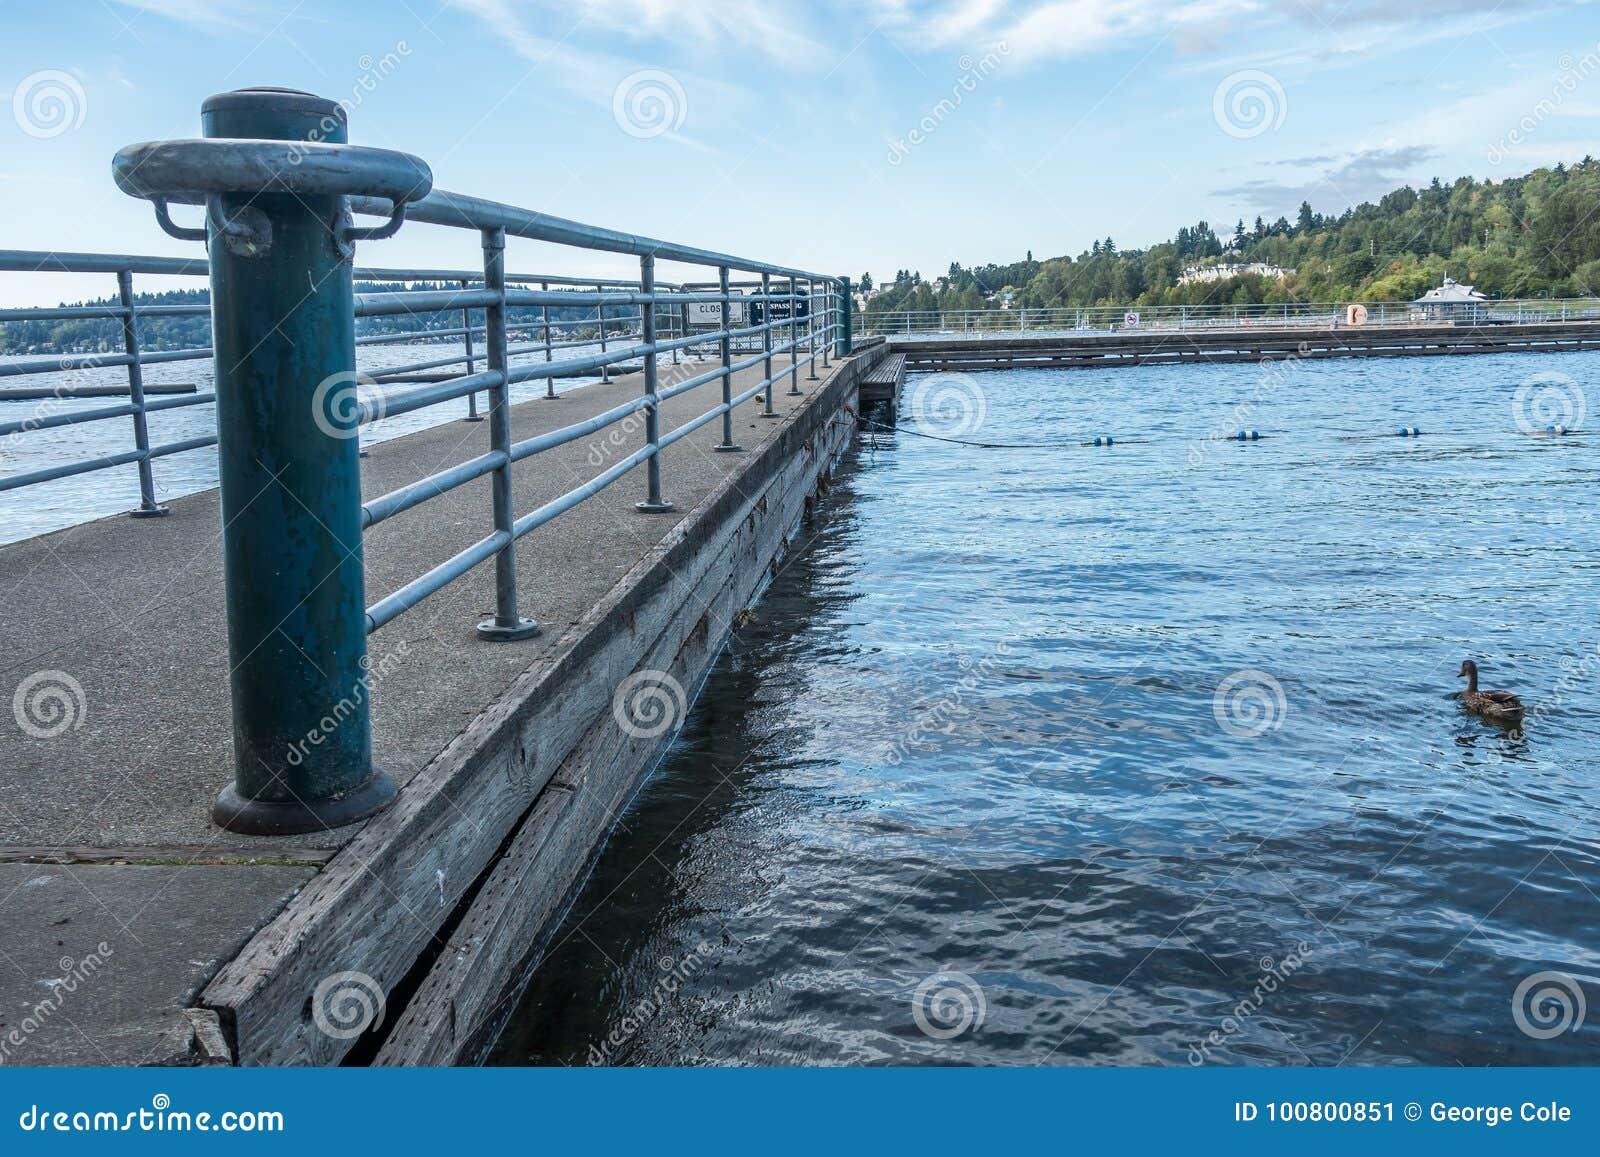 Gene Coulon Park Pier